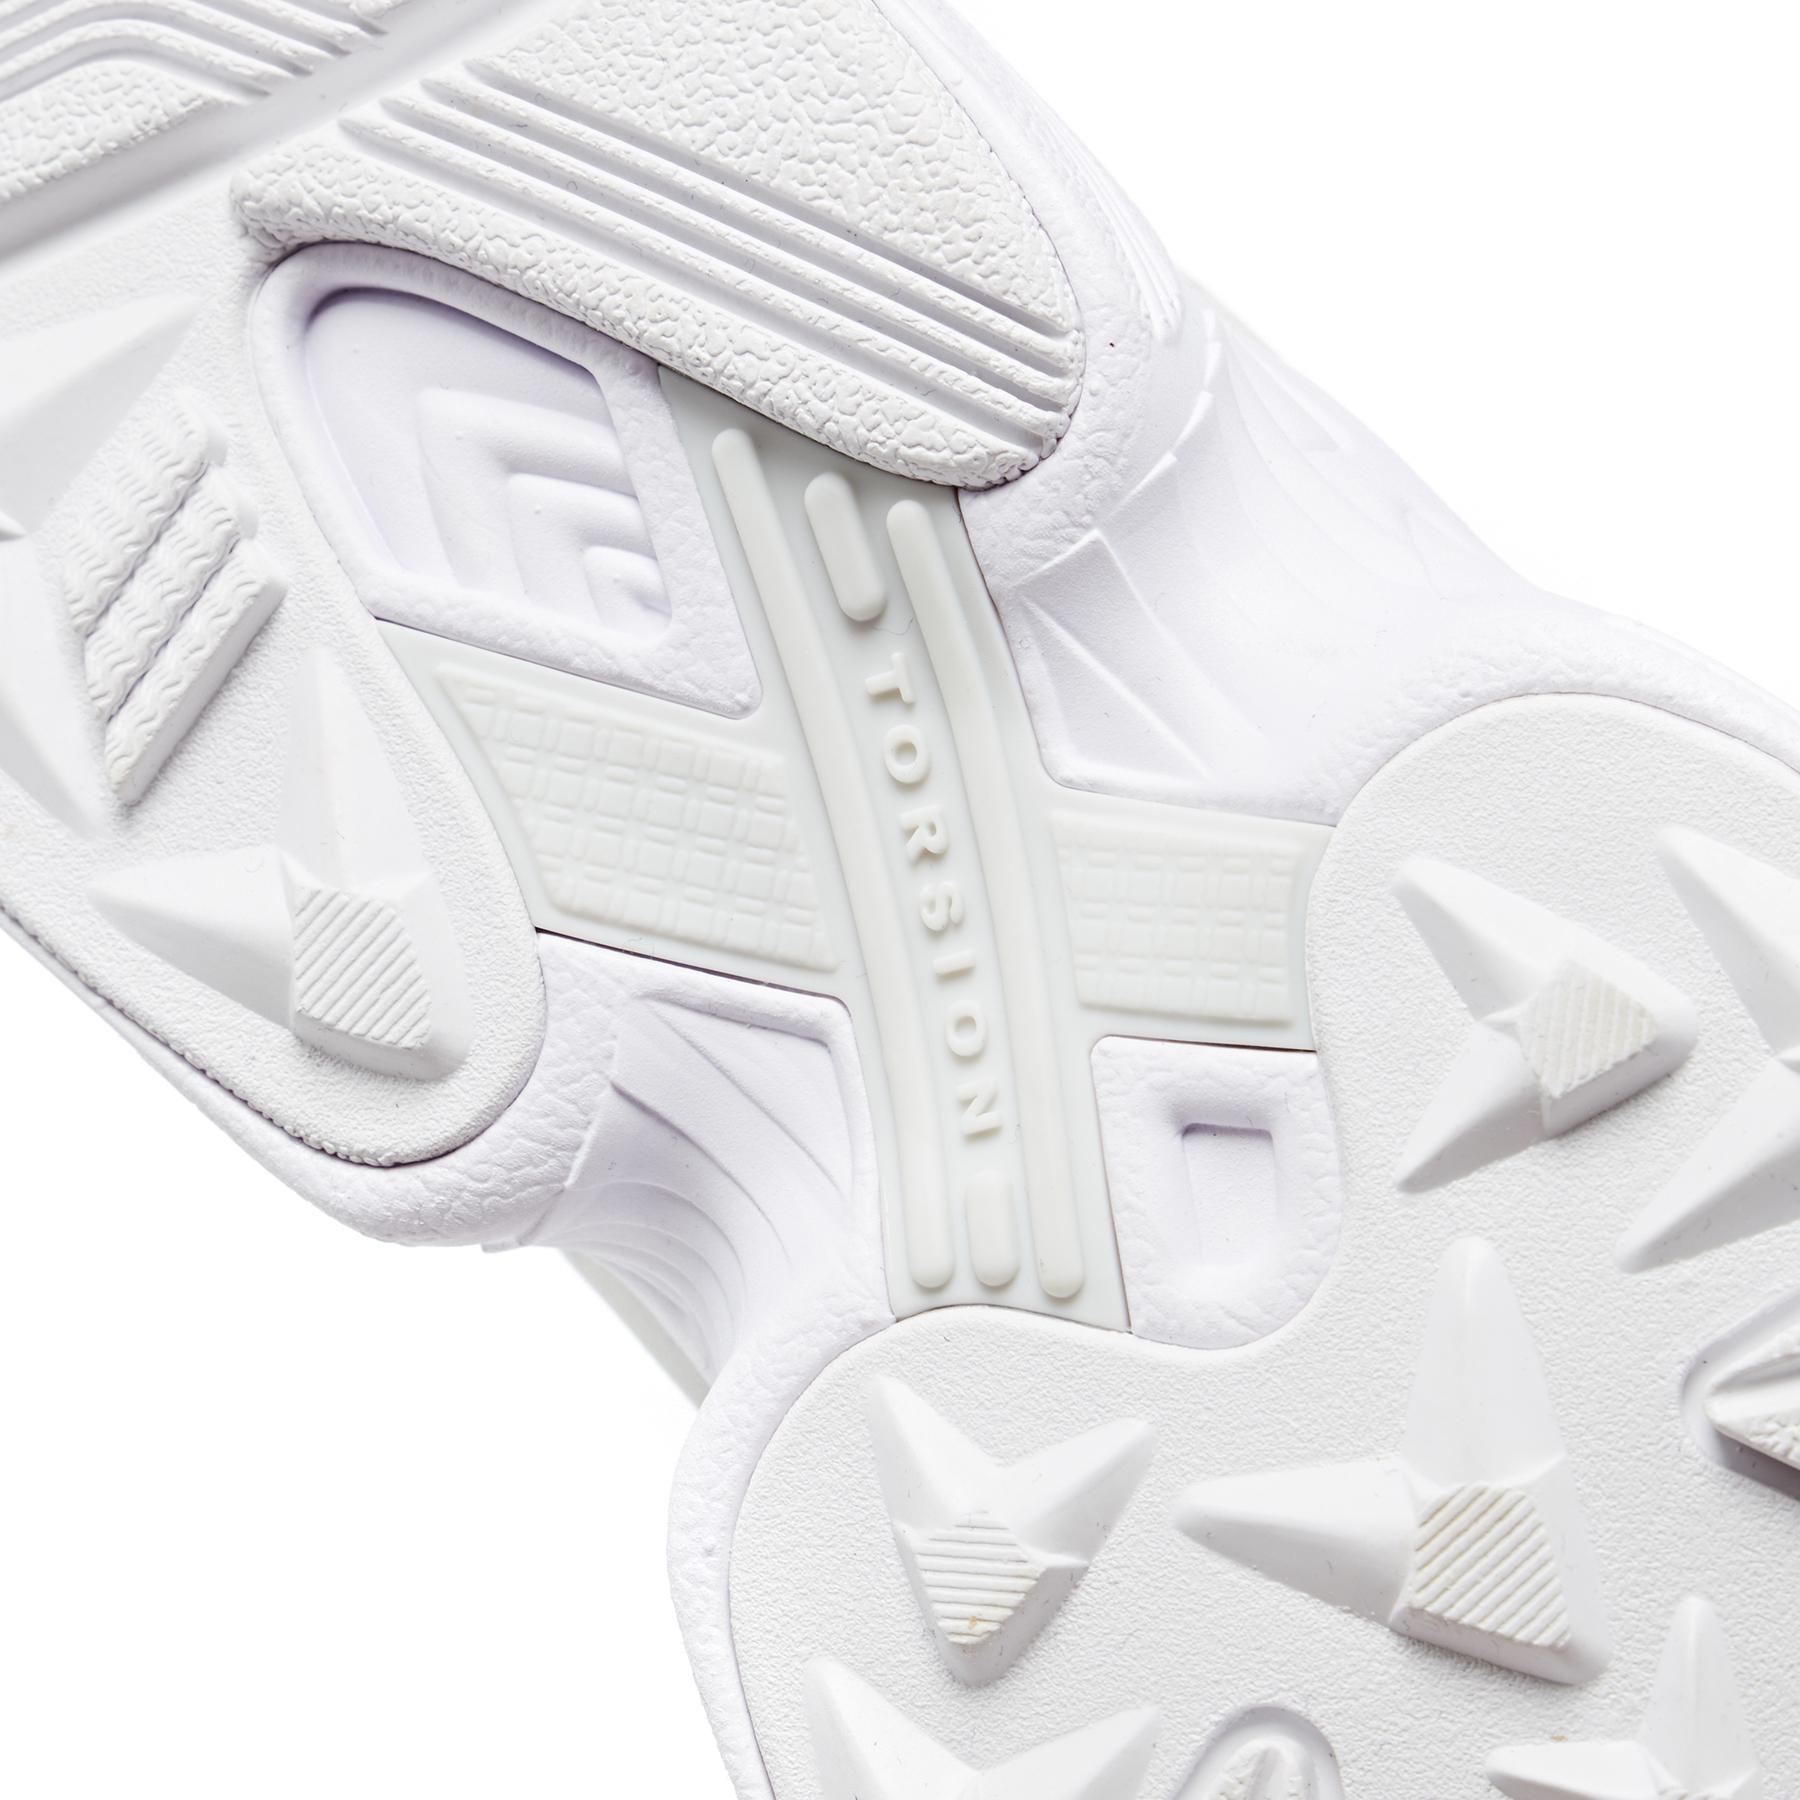 Sapatos Senhora Adidas Originals Falcon Envio Grátis* com as